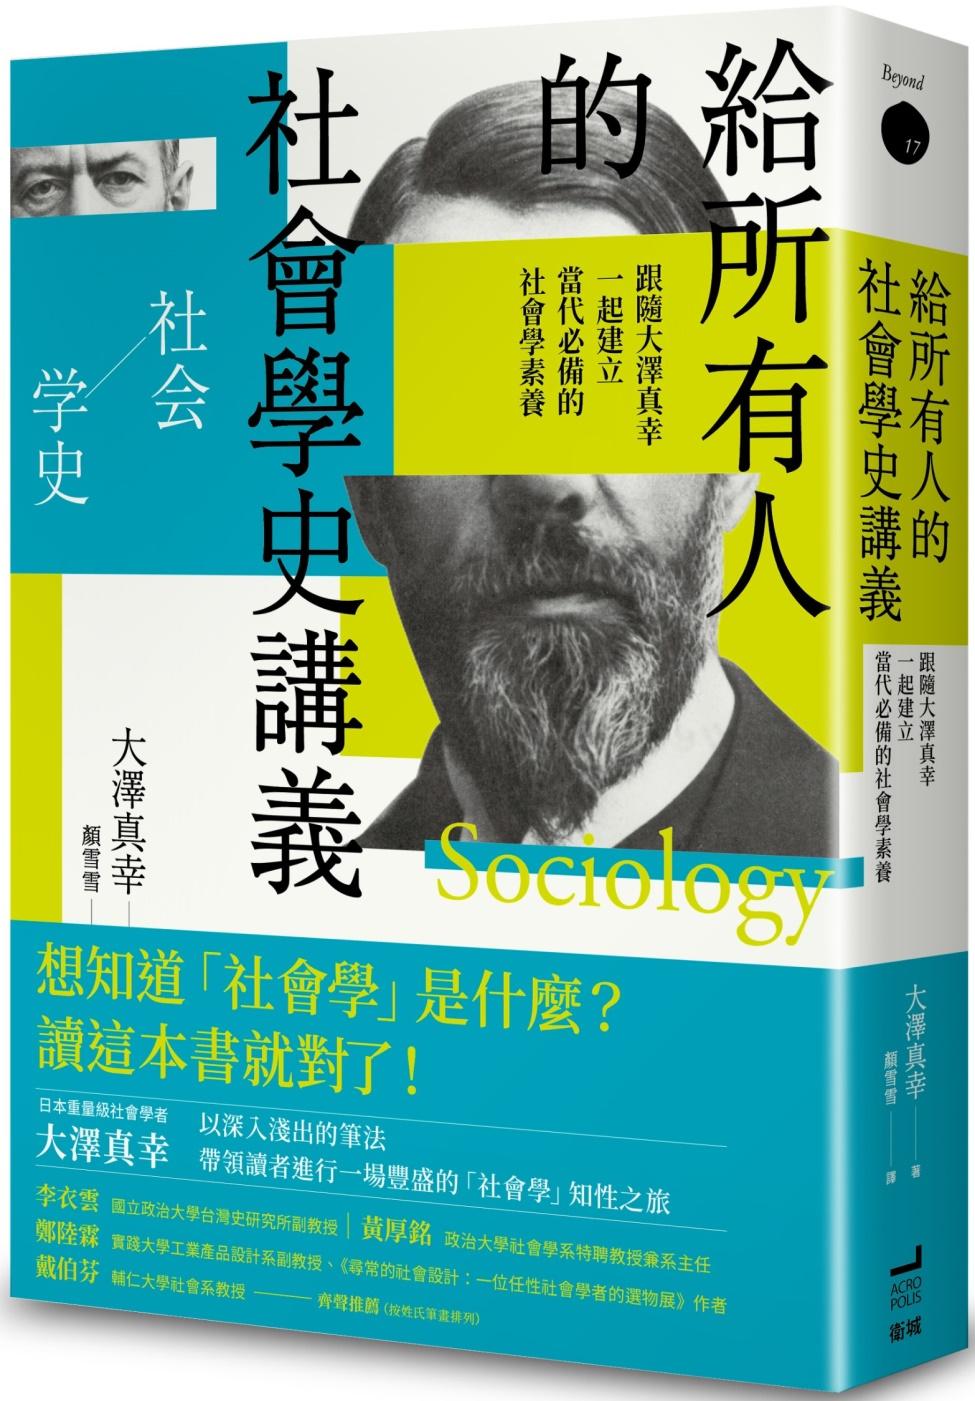 給所有人的社會學史講義: 跟隨大澤真幸一起建立當代必備的社會學素養